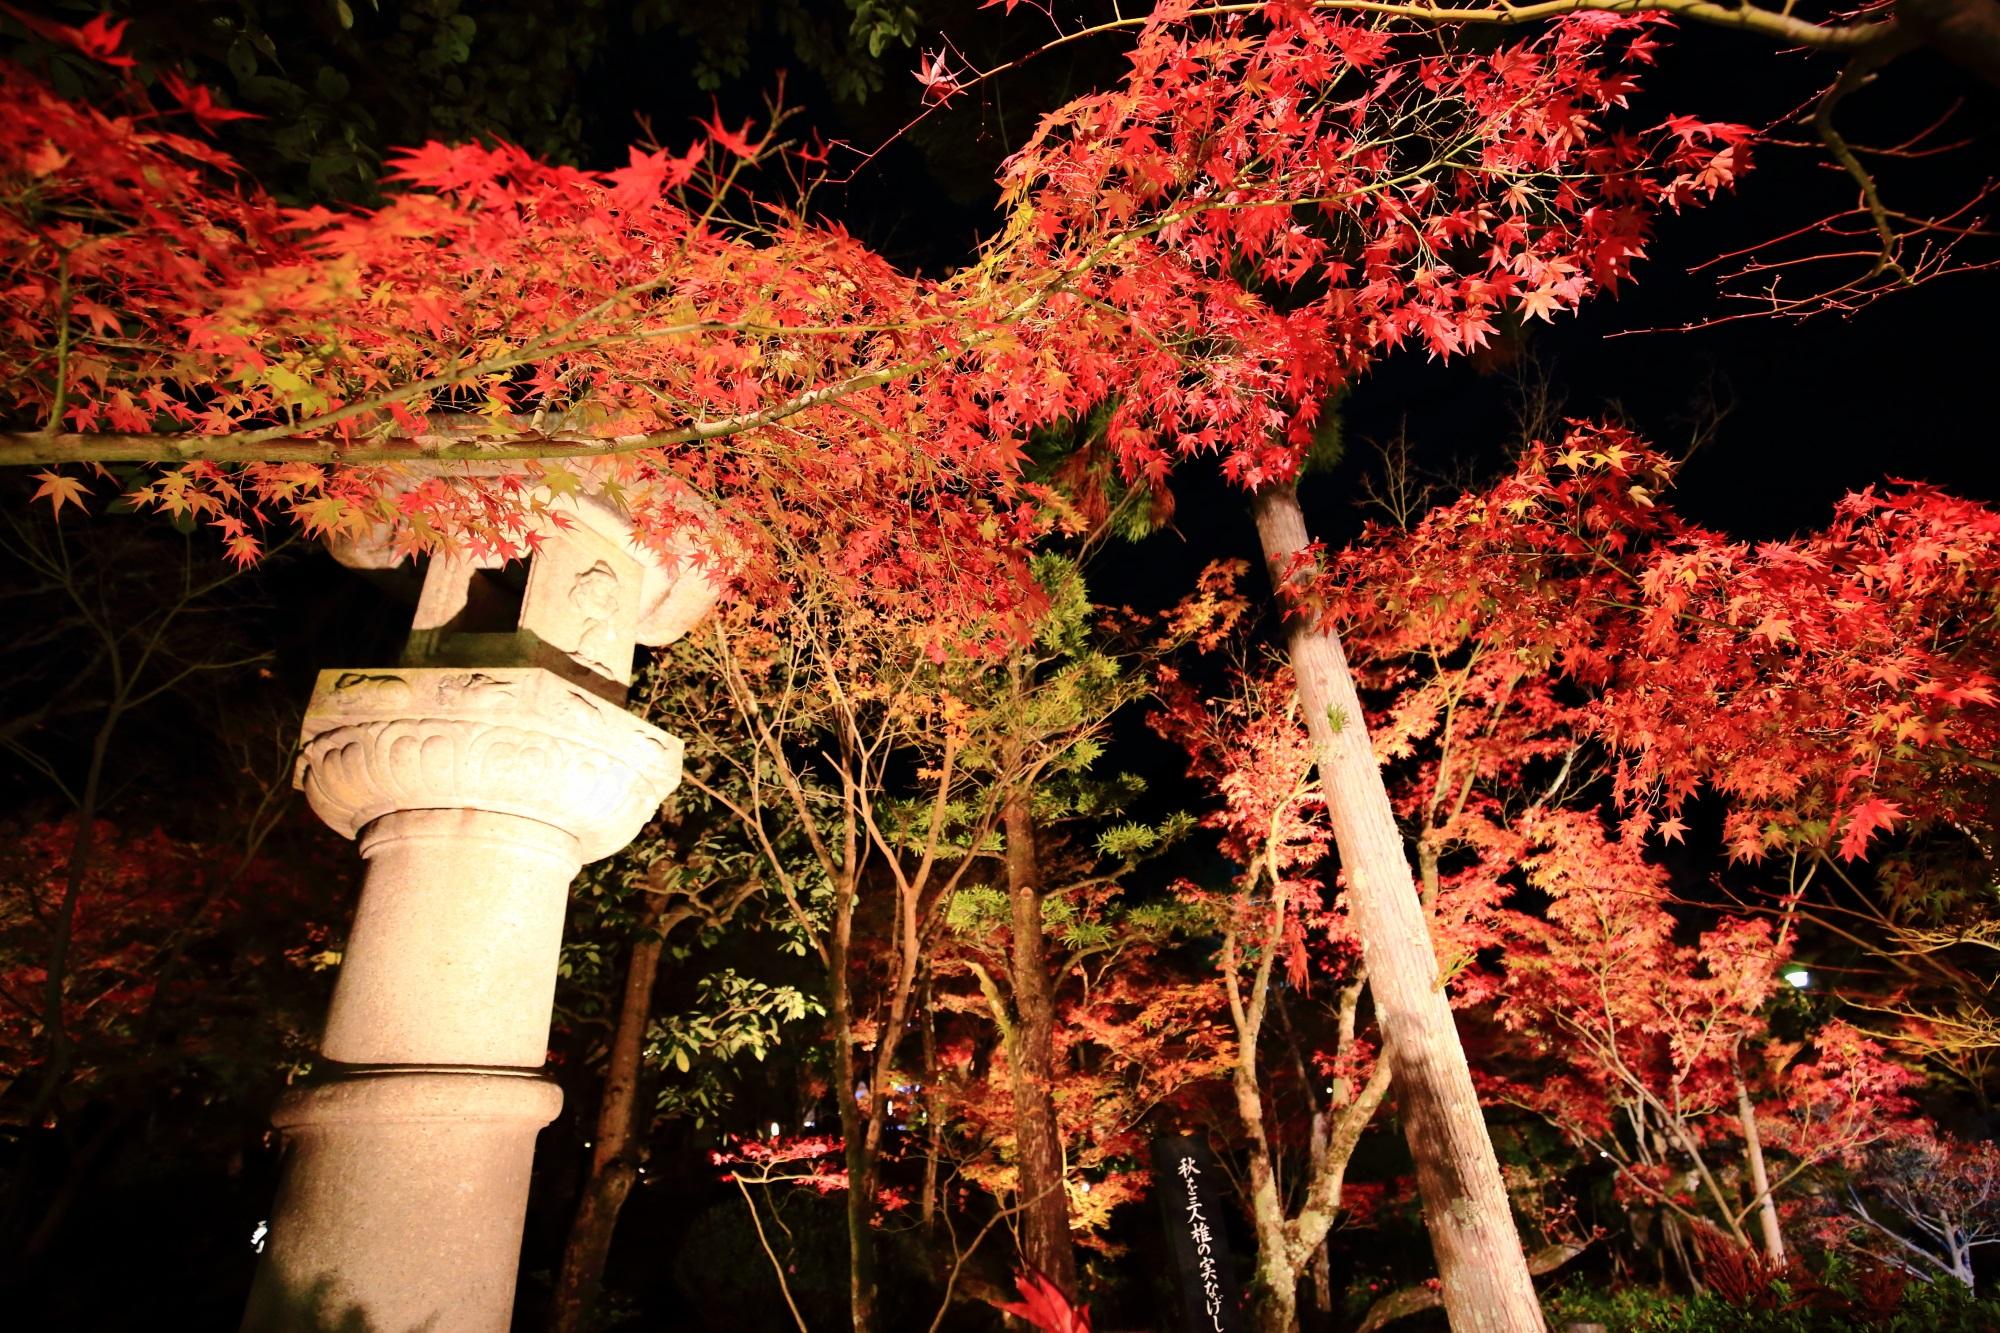 永観堂の参道の灯籠と赤いもみじ